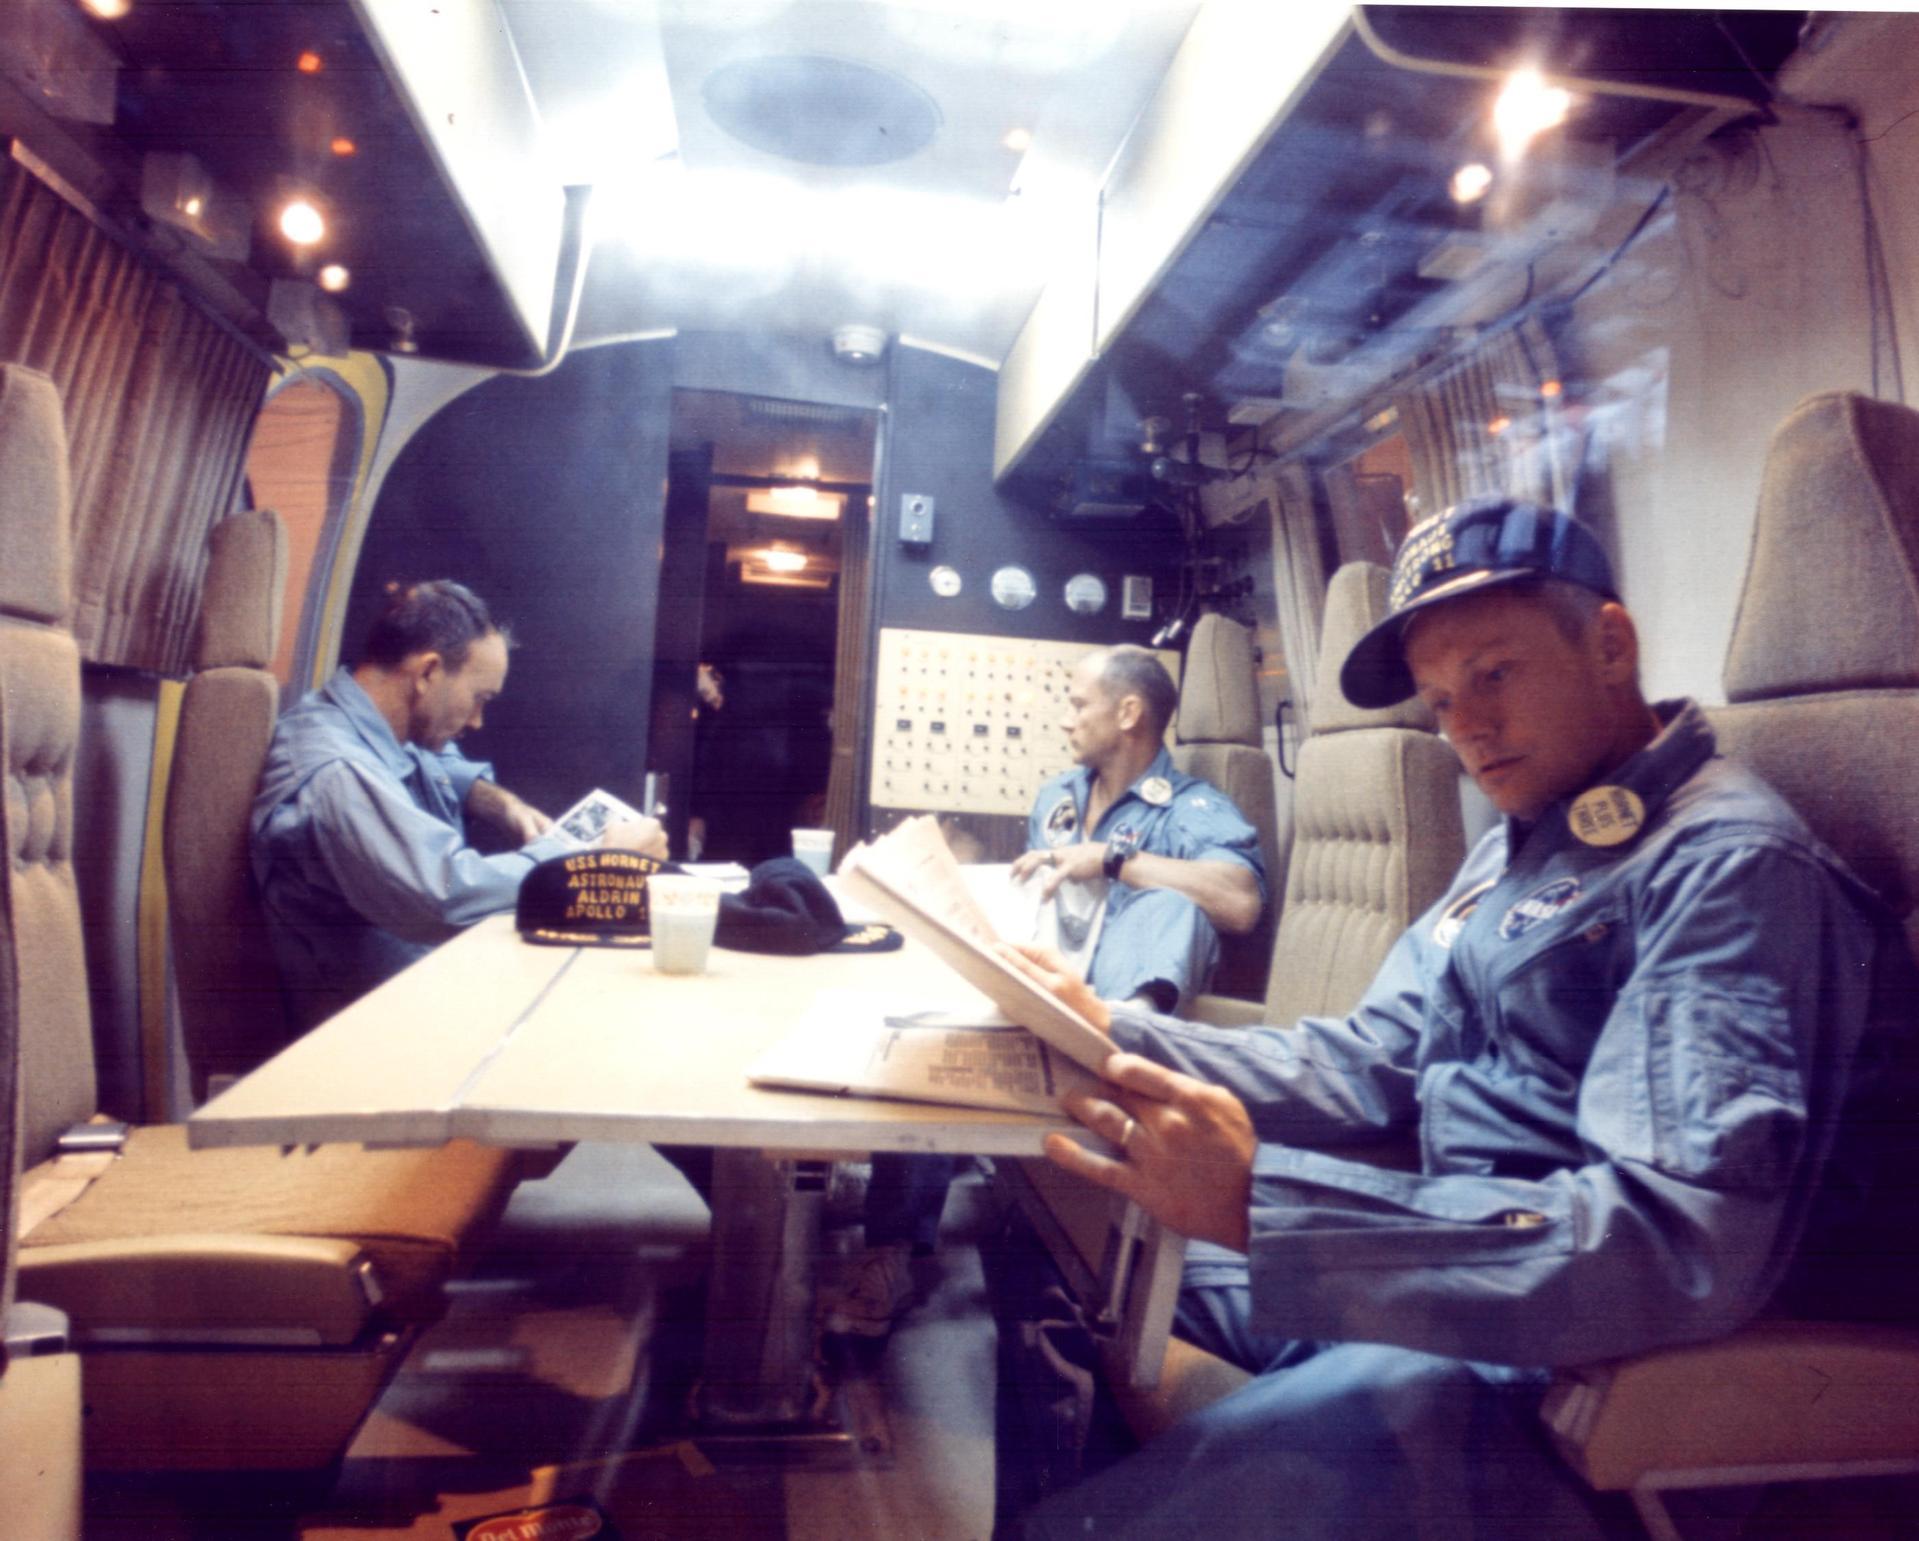 Michael Collins, Buzz Aldrin et Neil Armstrong vus à l'intérieur de l'installation de quarantaine mobile lors du voyage de retour de 2,5 jours au port sur l'USS Hornet, qui les a récupérés lorsqu'ils ont éclaboussé.